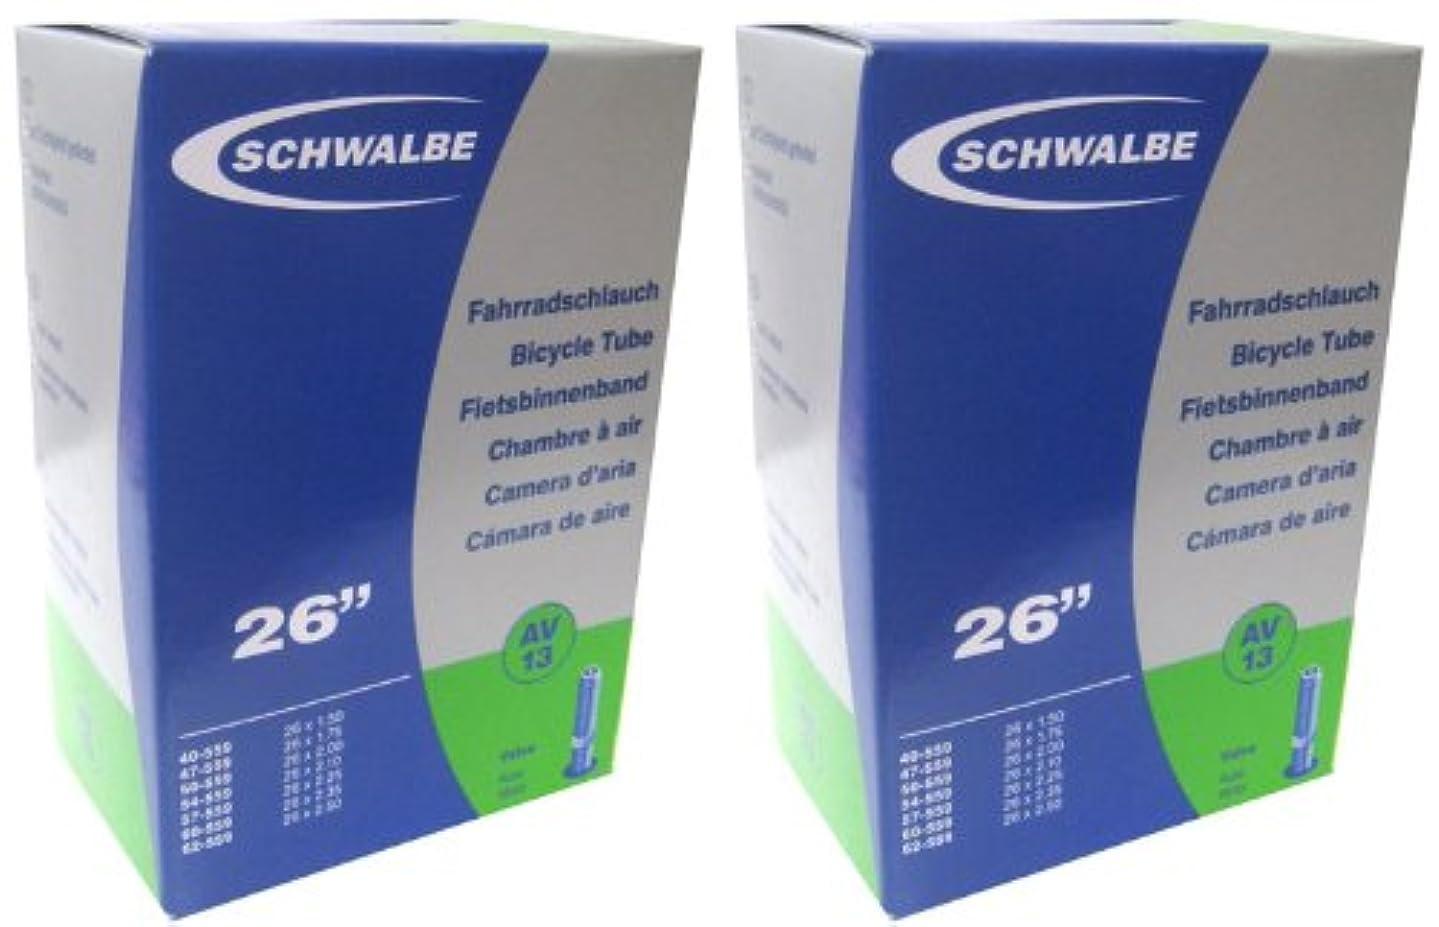 速記トレイ胸SCHWALBE(シュワルベ) 26×1.50/2.50用チューブ 米式バルブ 13AV 2本セット 【並行輸入品】